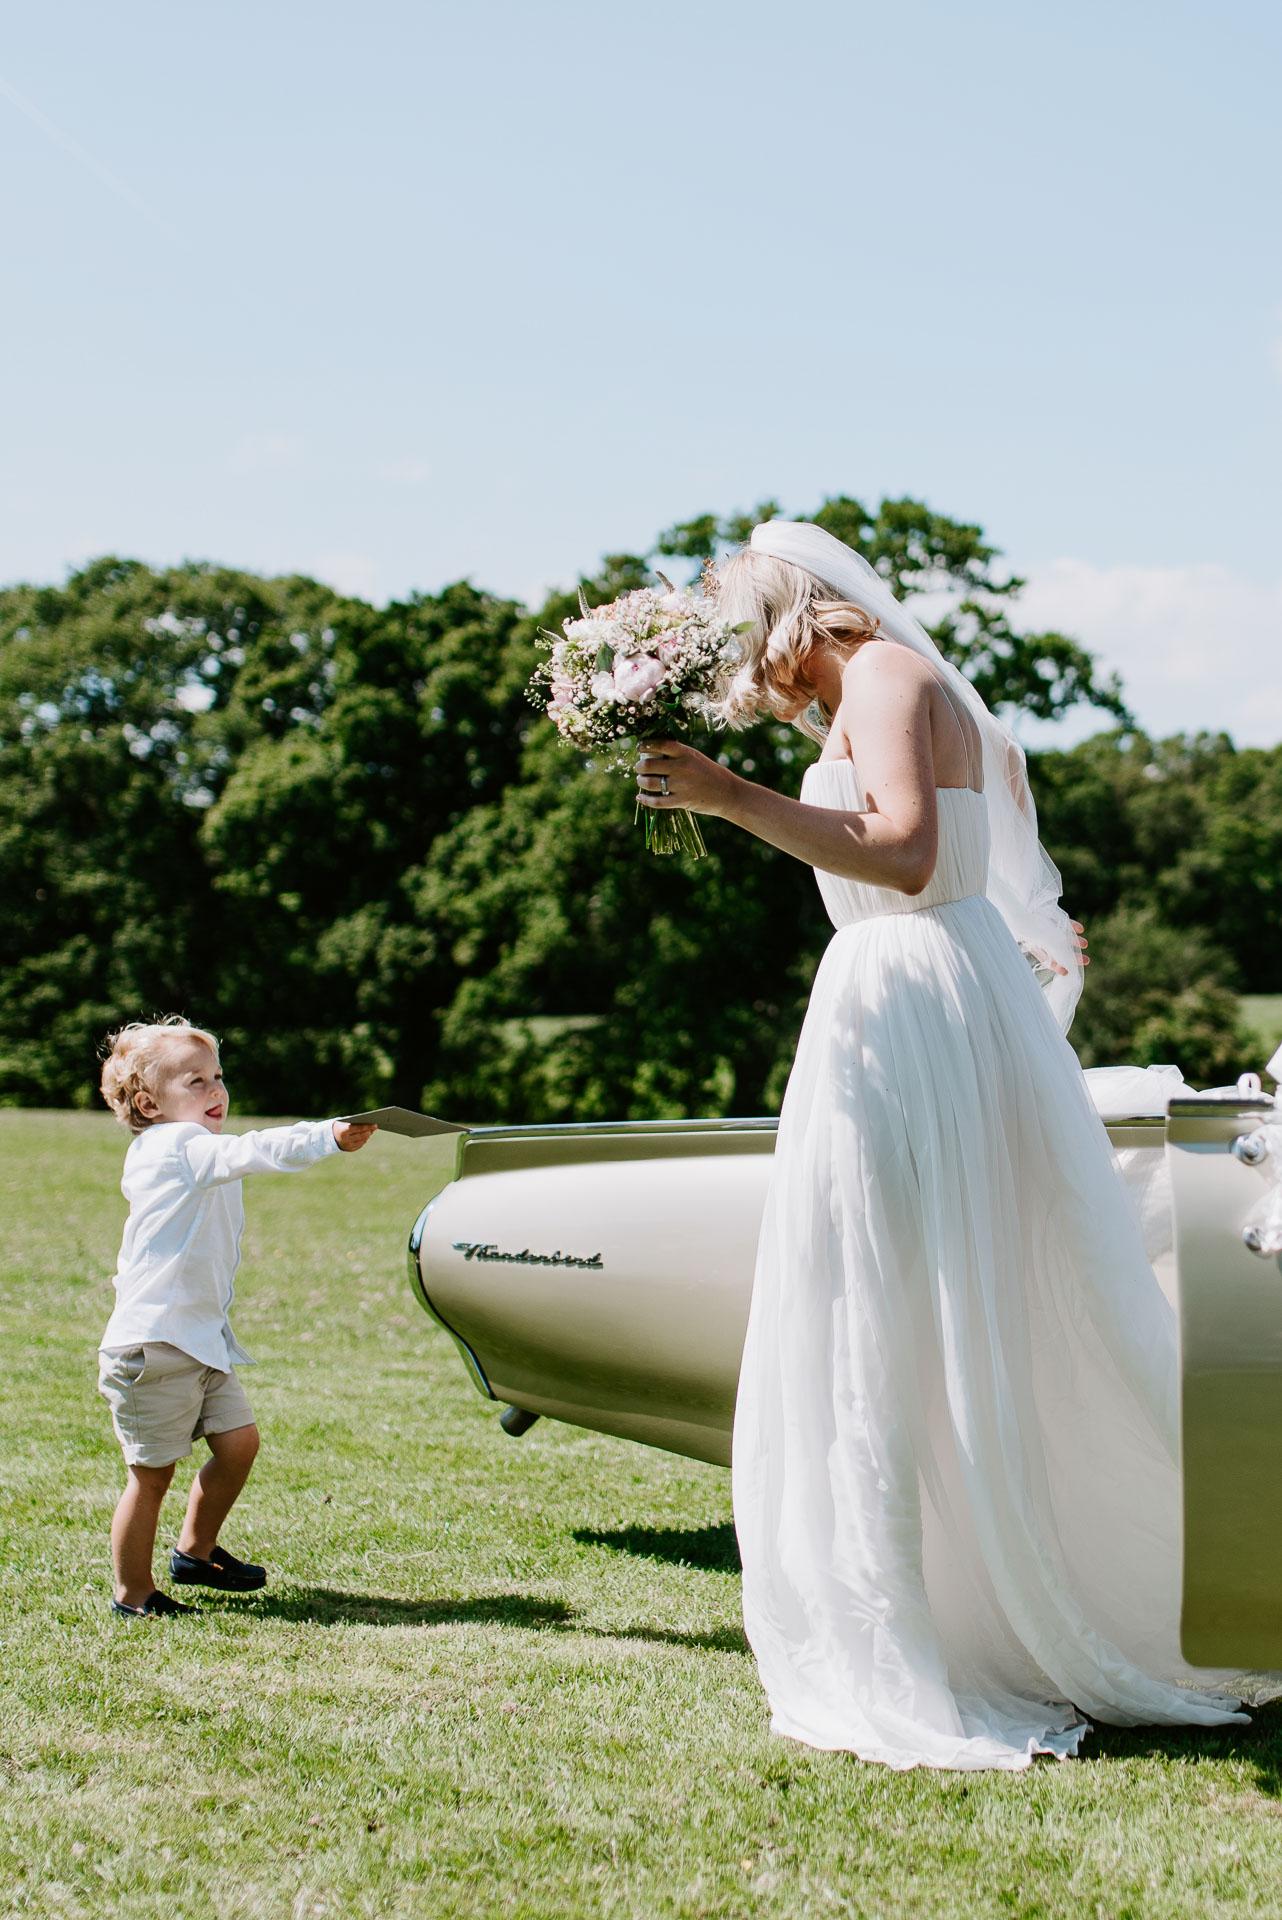 Henny_Jamie_East Sussex_Wedding_40.jpg